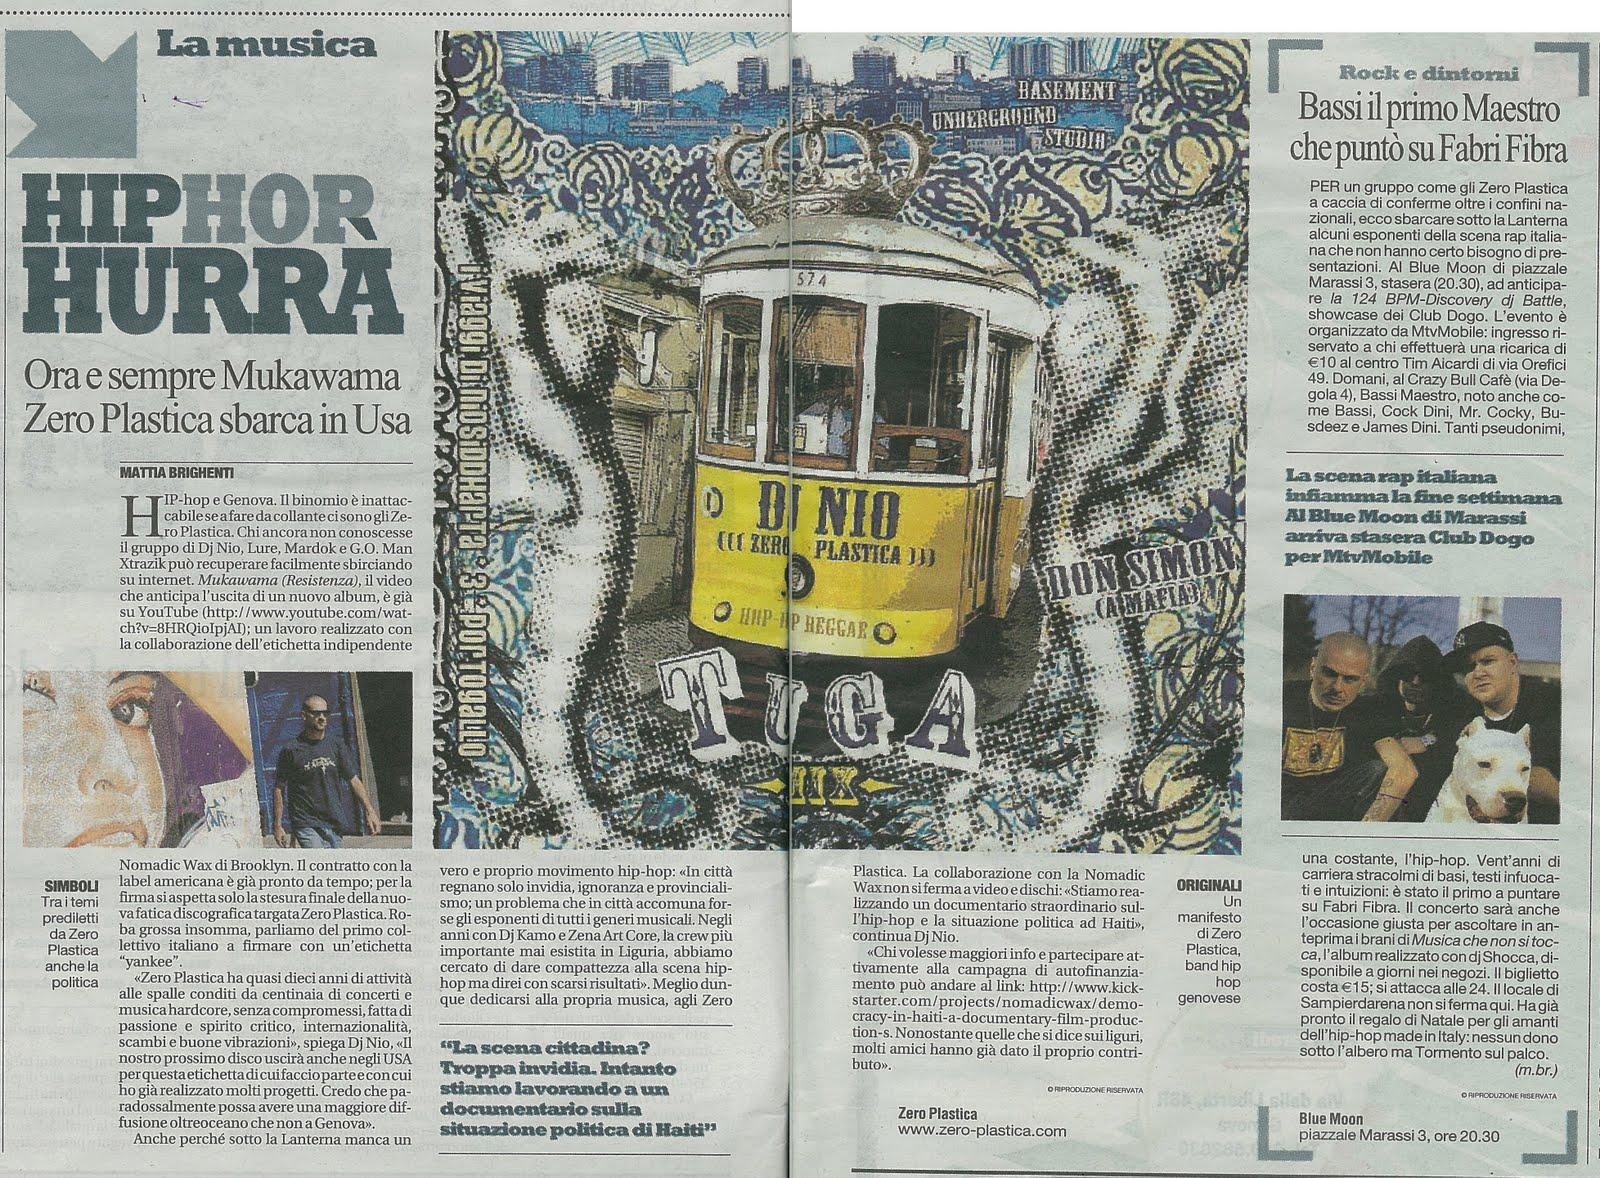 Rassegna_Zero-Plastica_Repubblica-1_mukawama.jpg